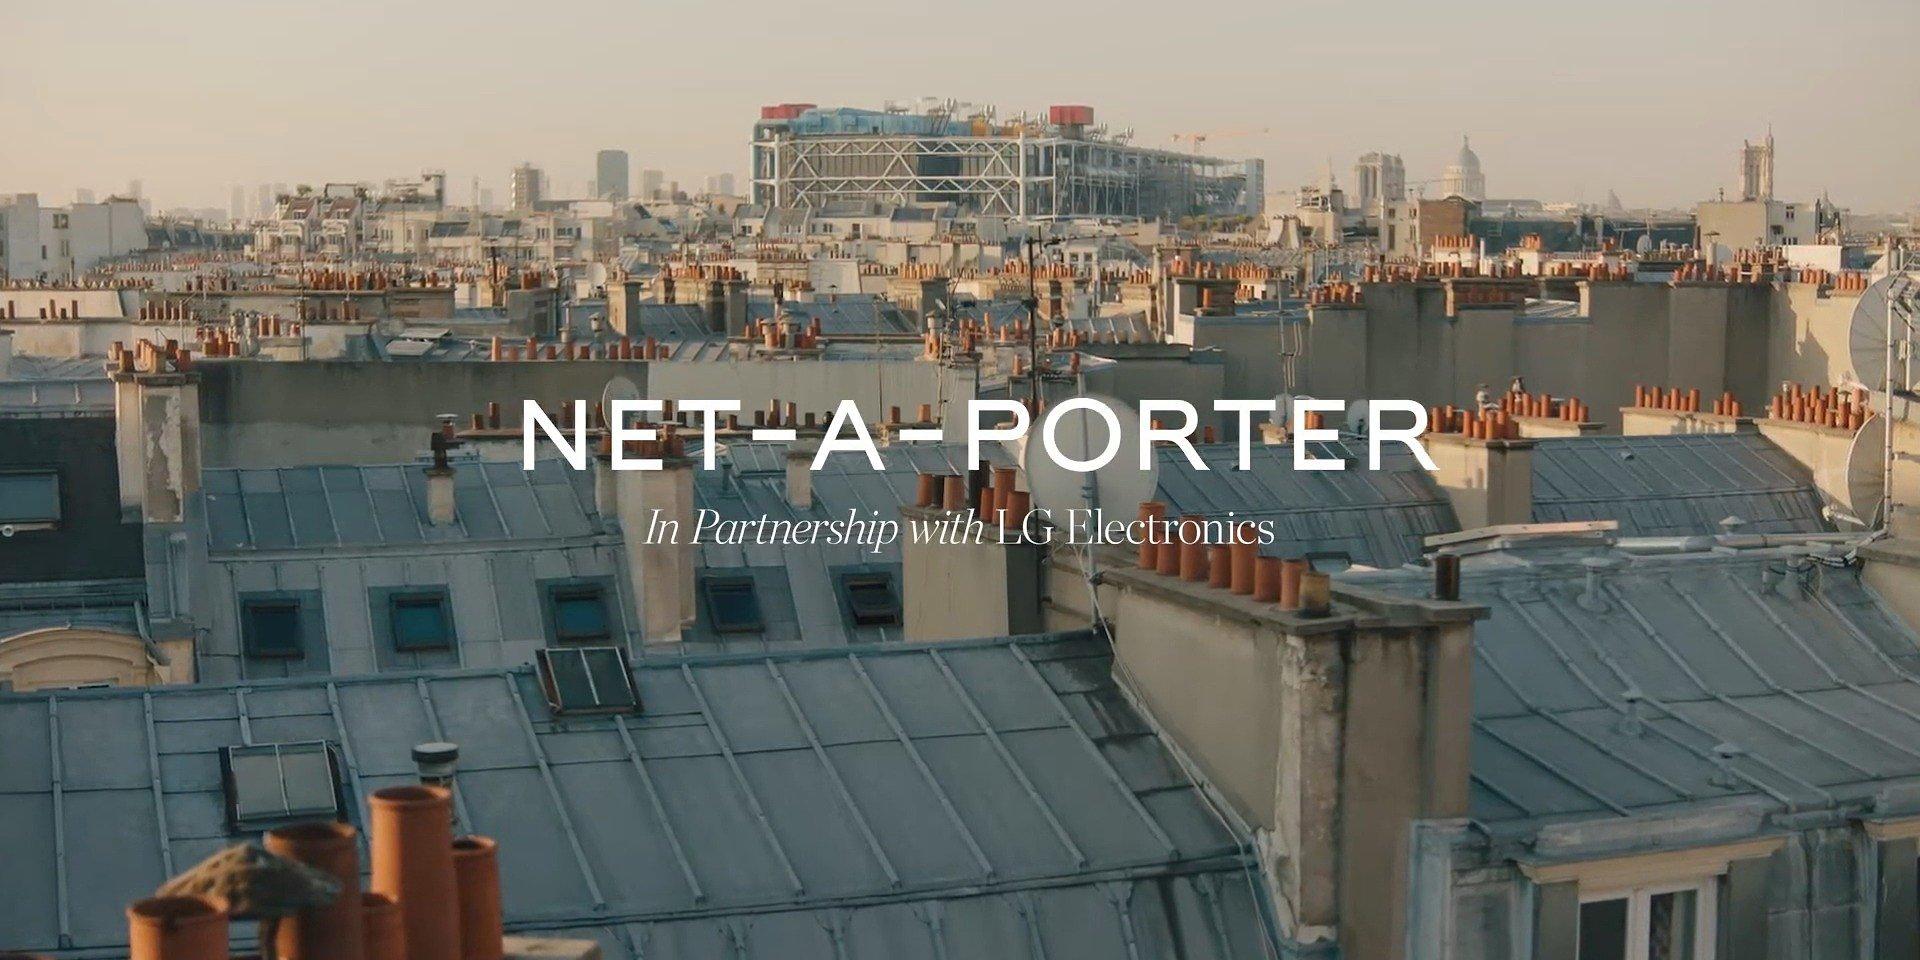 Firmy LG i NET-A-PORTER wprowadzają zrównoważoną kolekcję ubrań